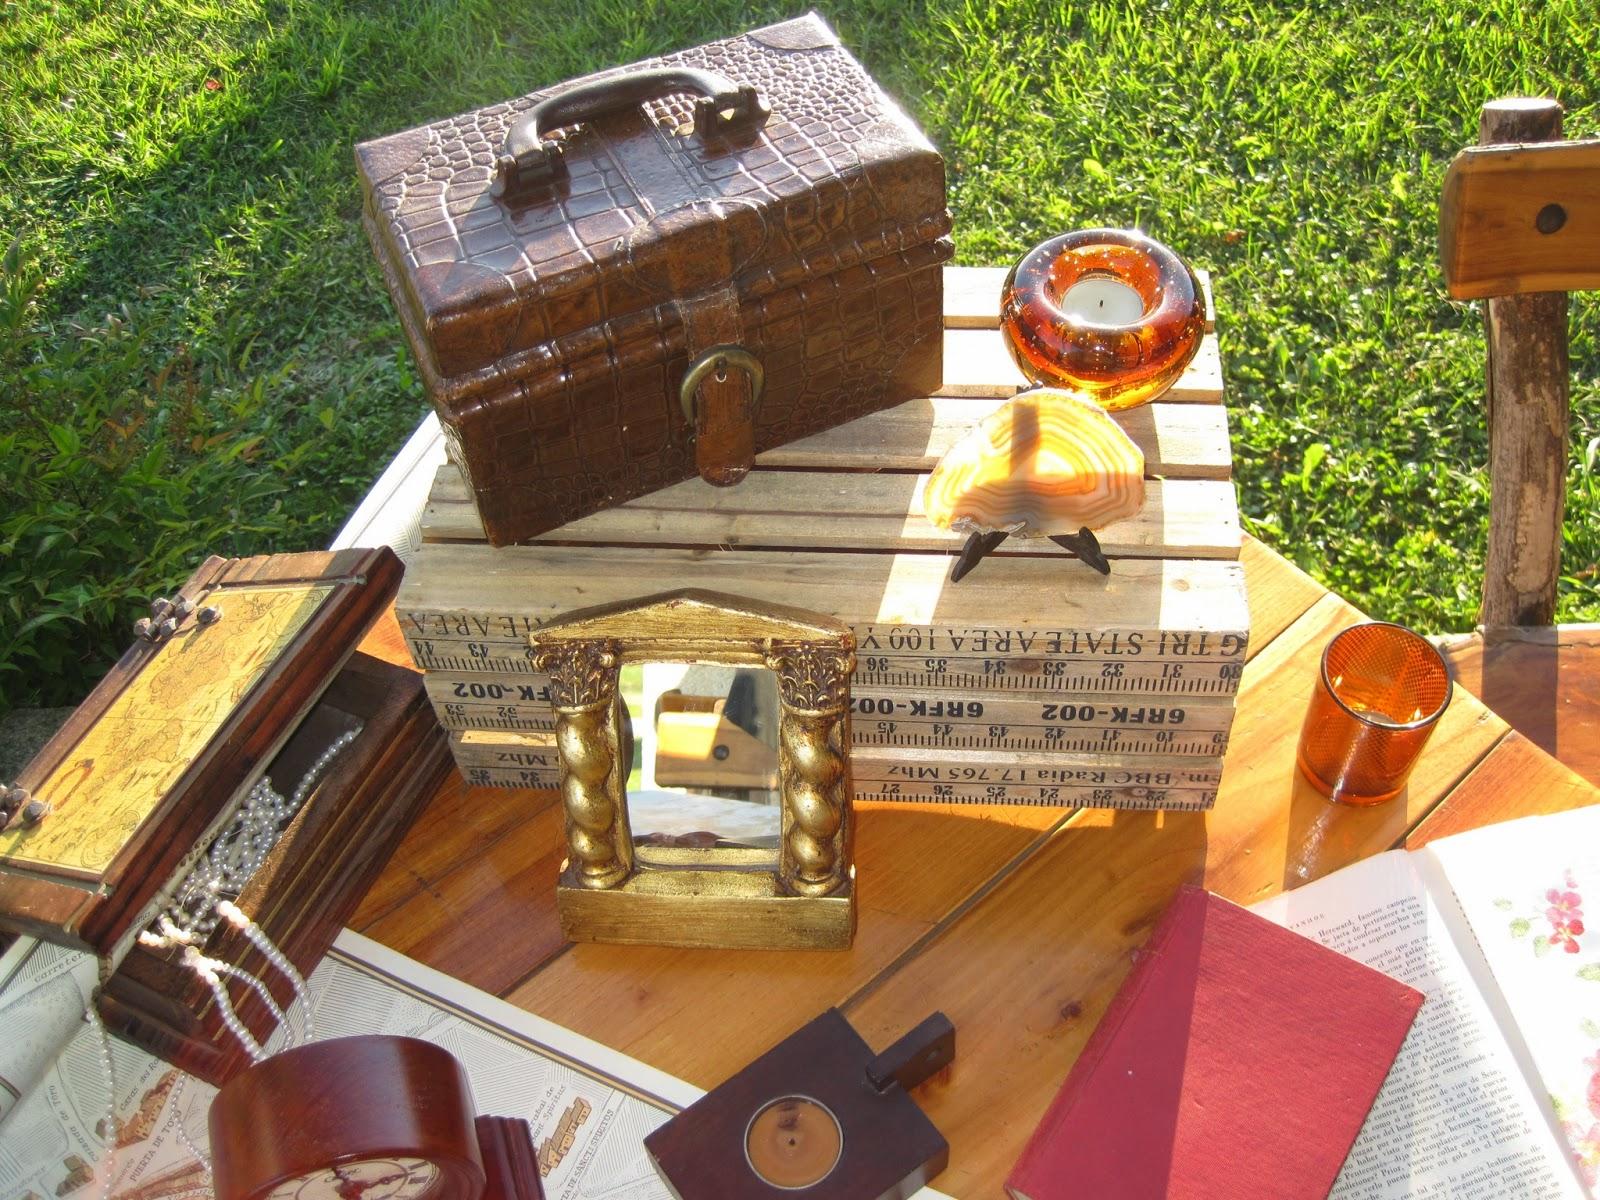 Vintage bodas by marta quintero el huerto de calixto y for Oficina turismo salamanca